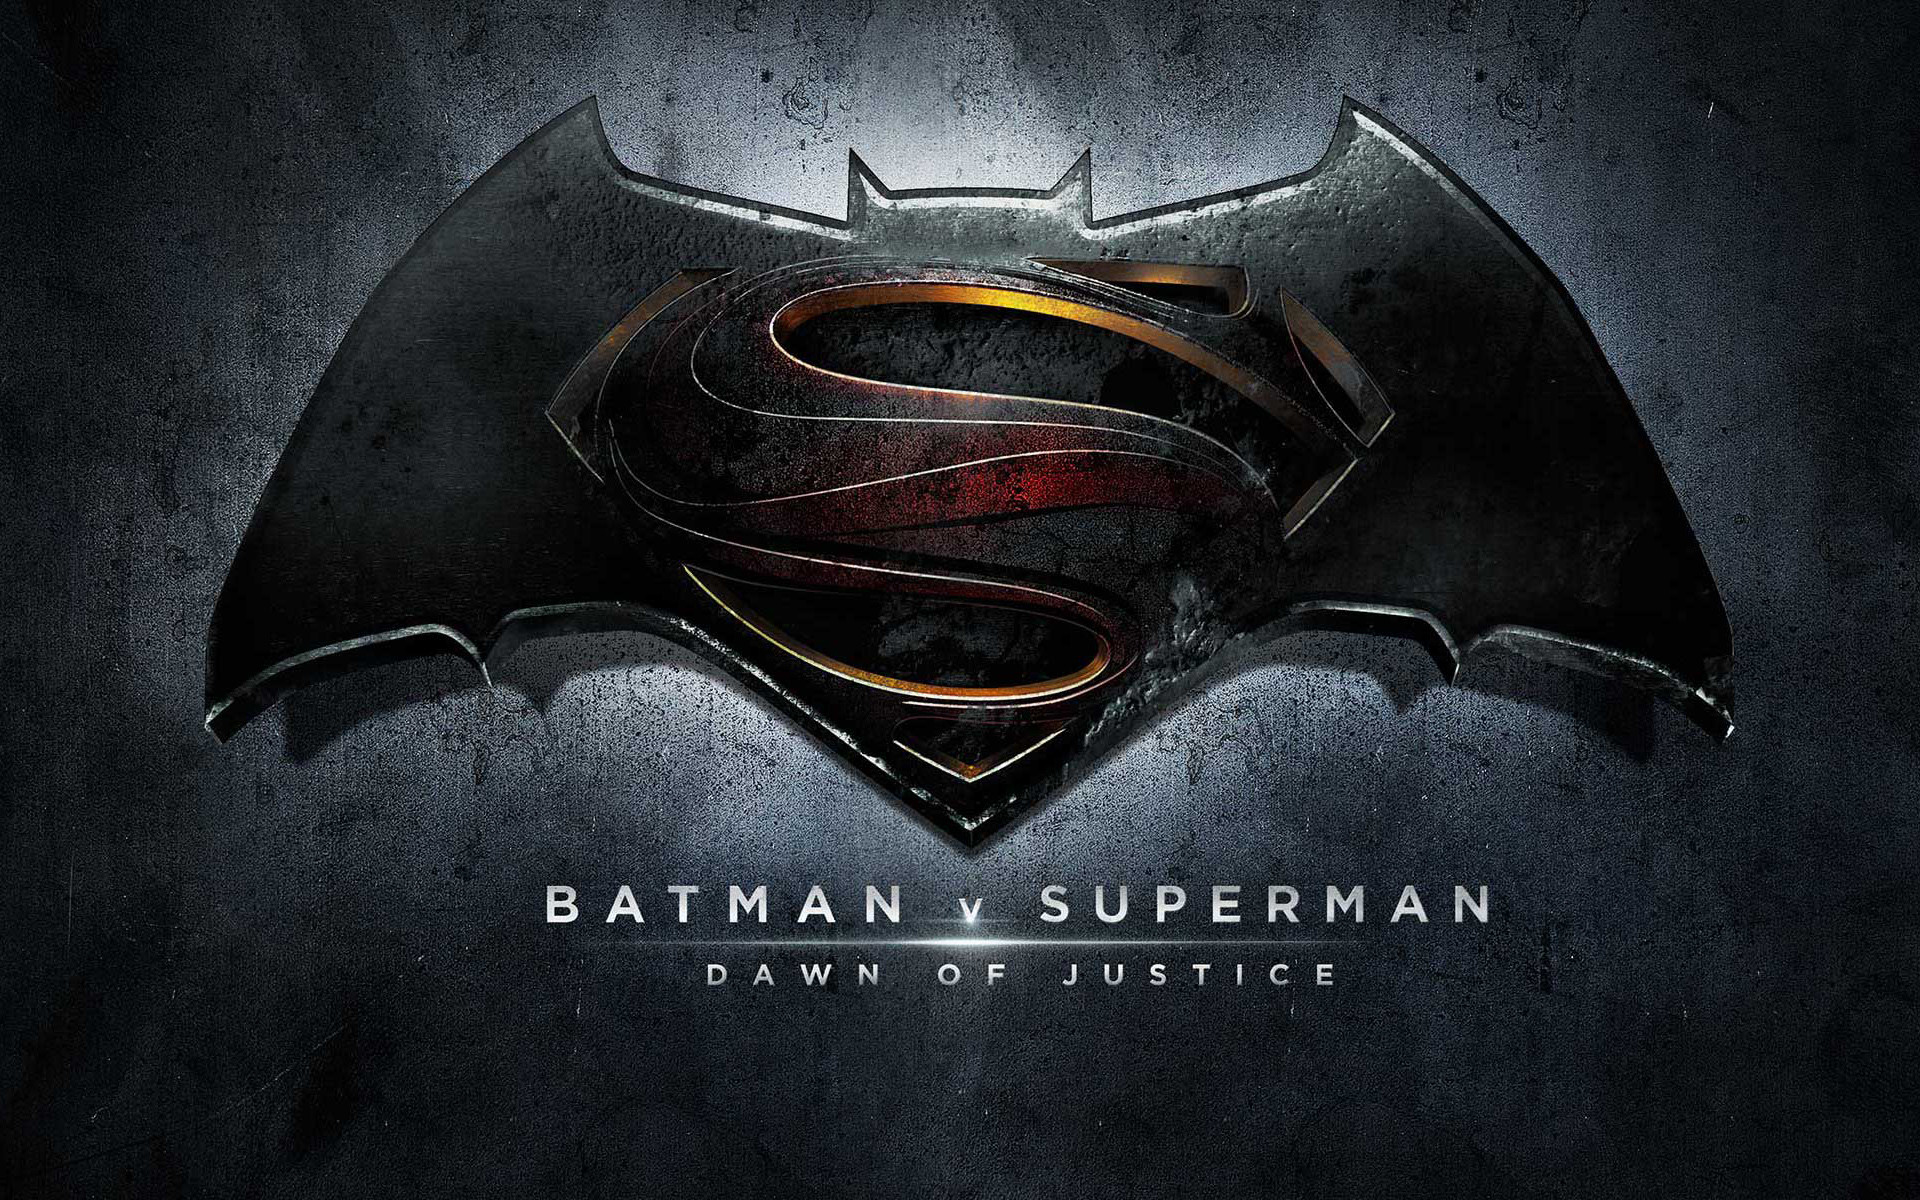 Batman Vs Superman Symbol Wallpaper 59 Images